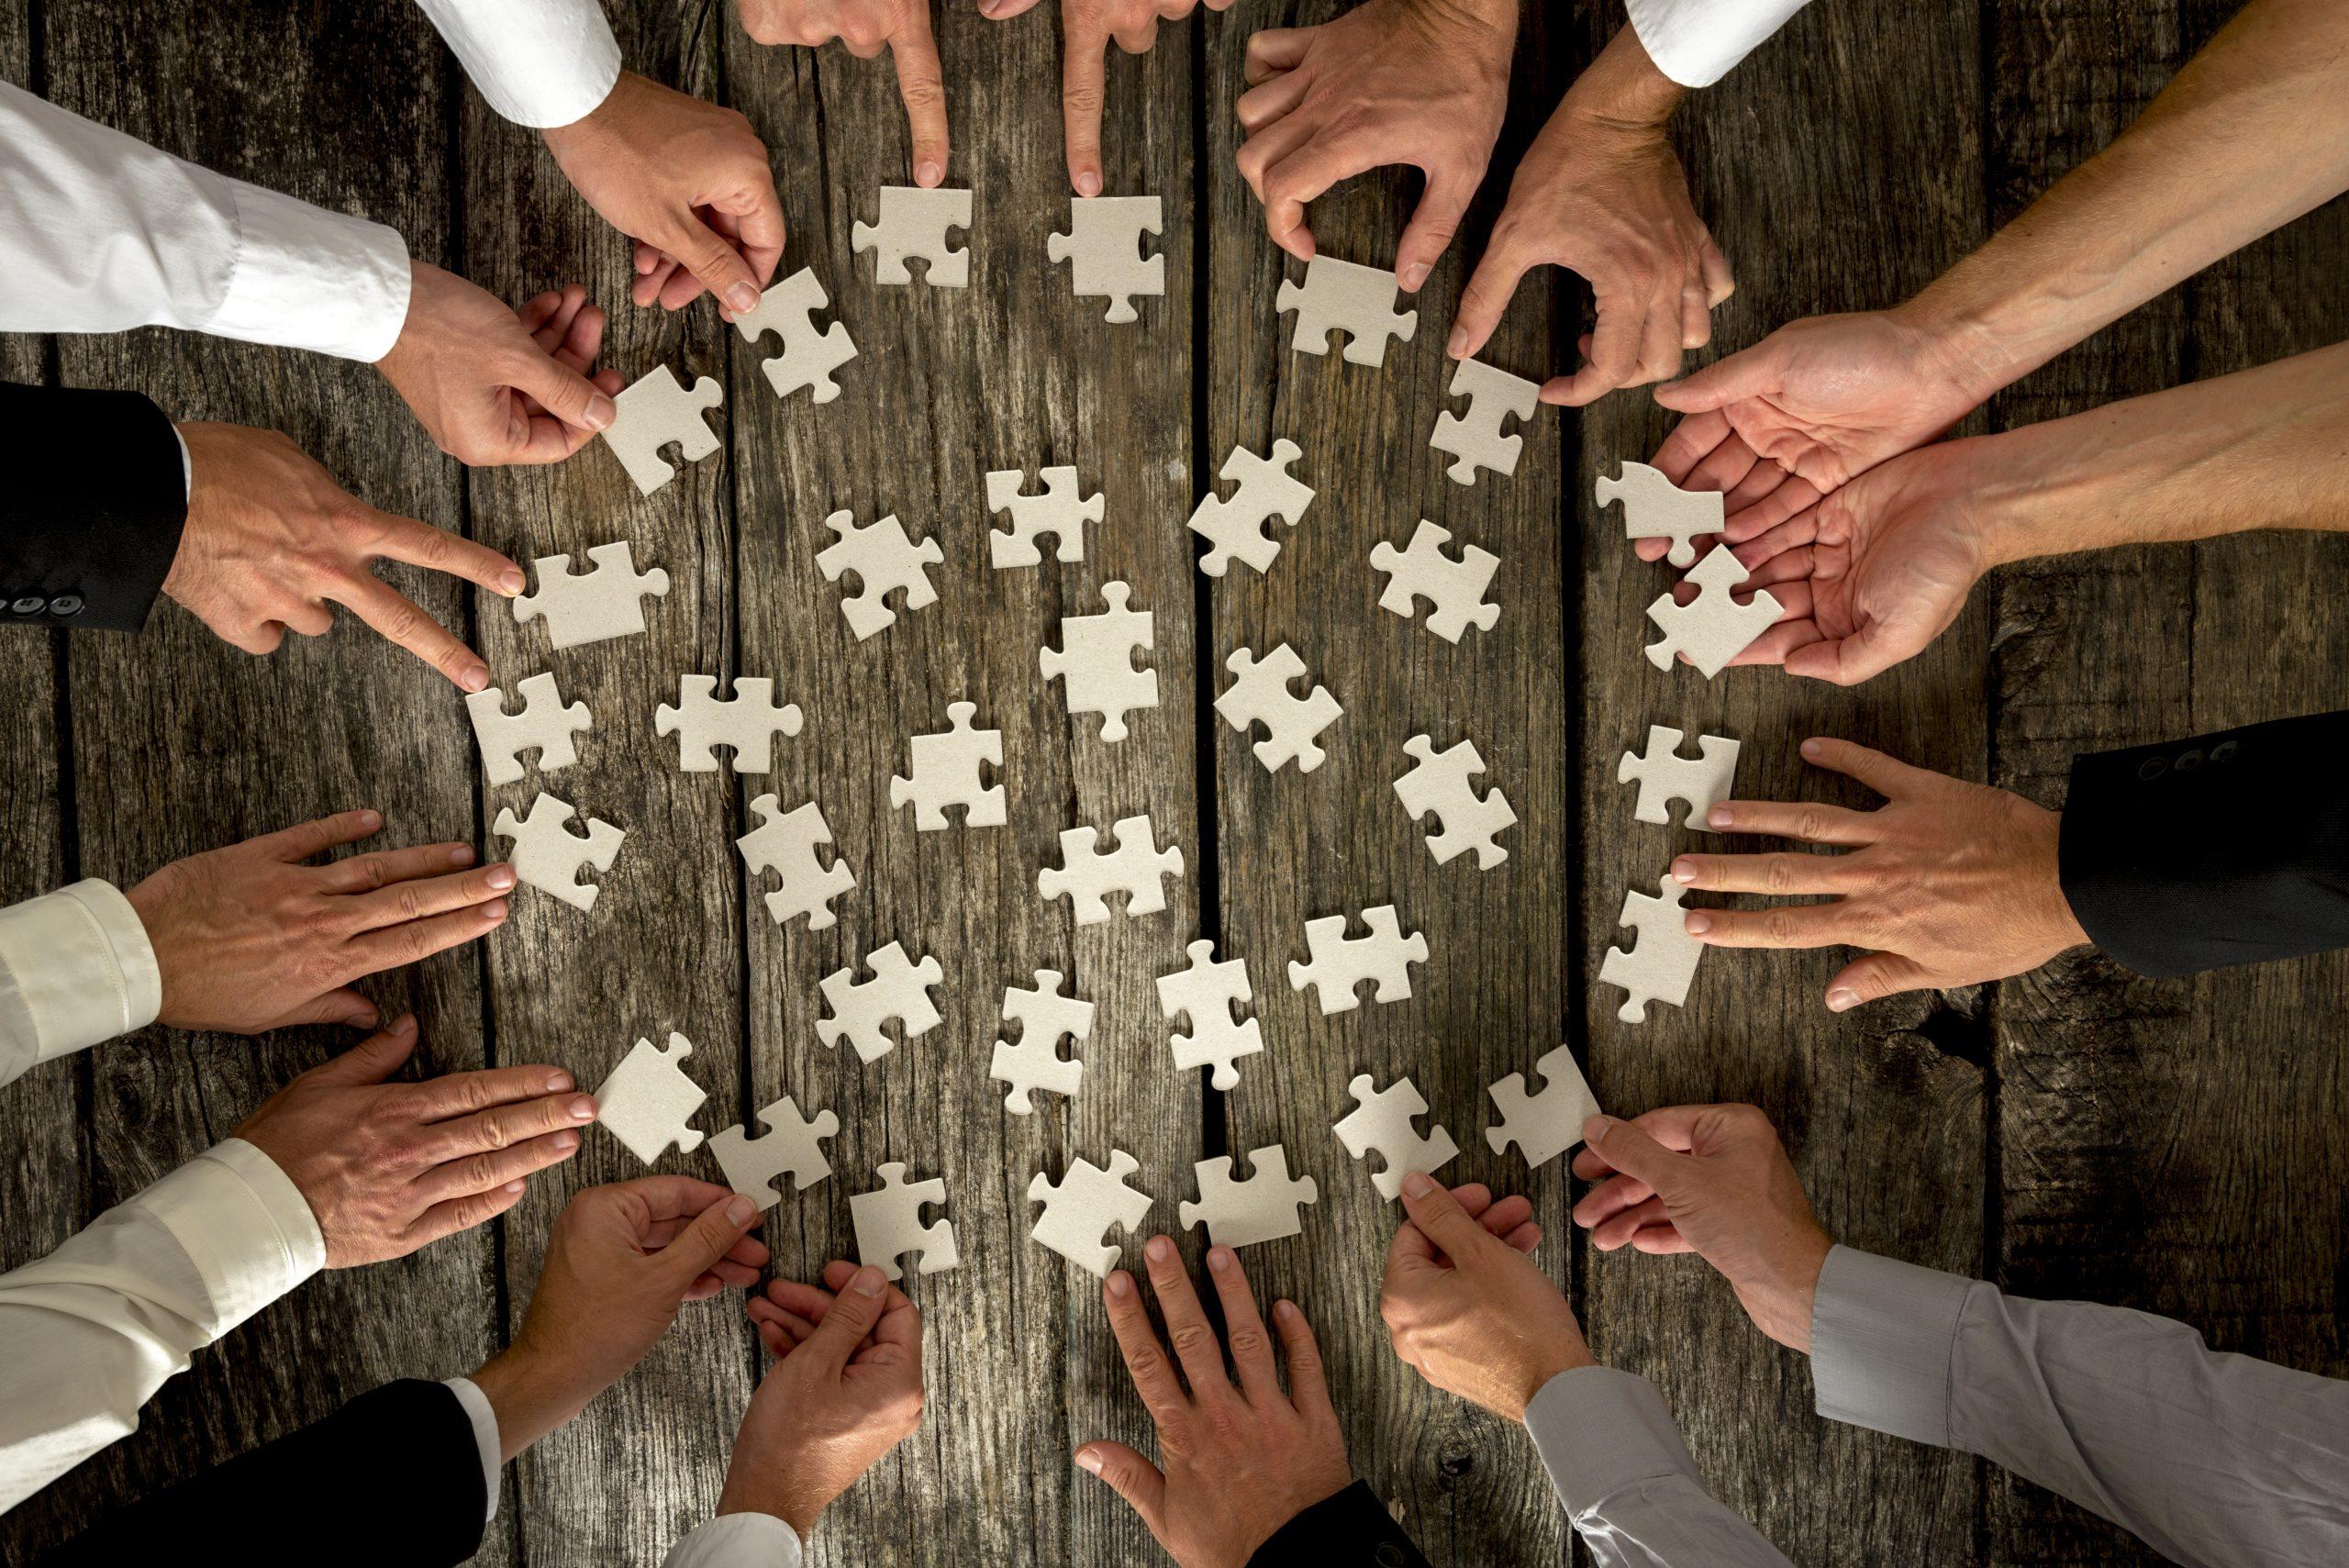 O team buildingu słów kilka